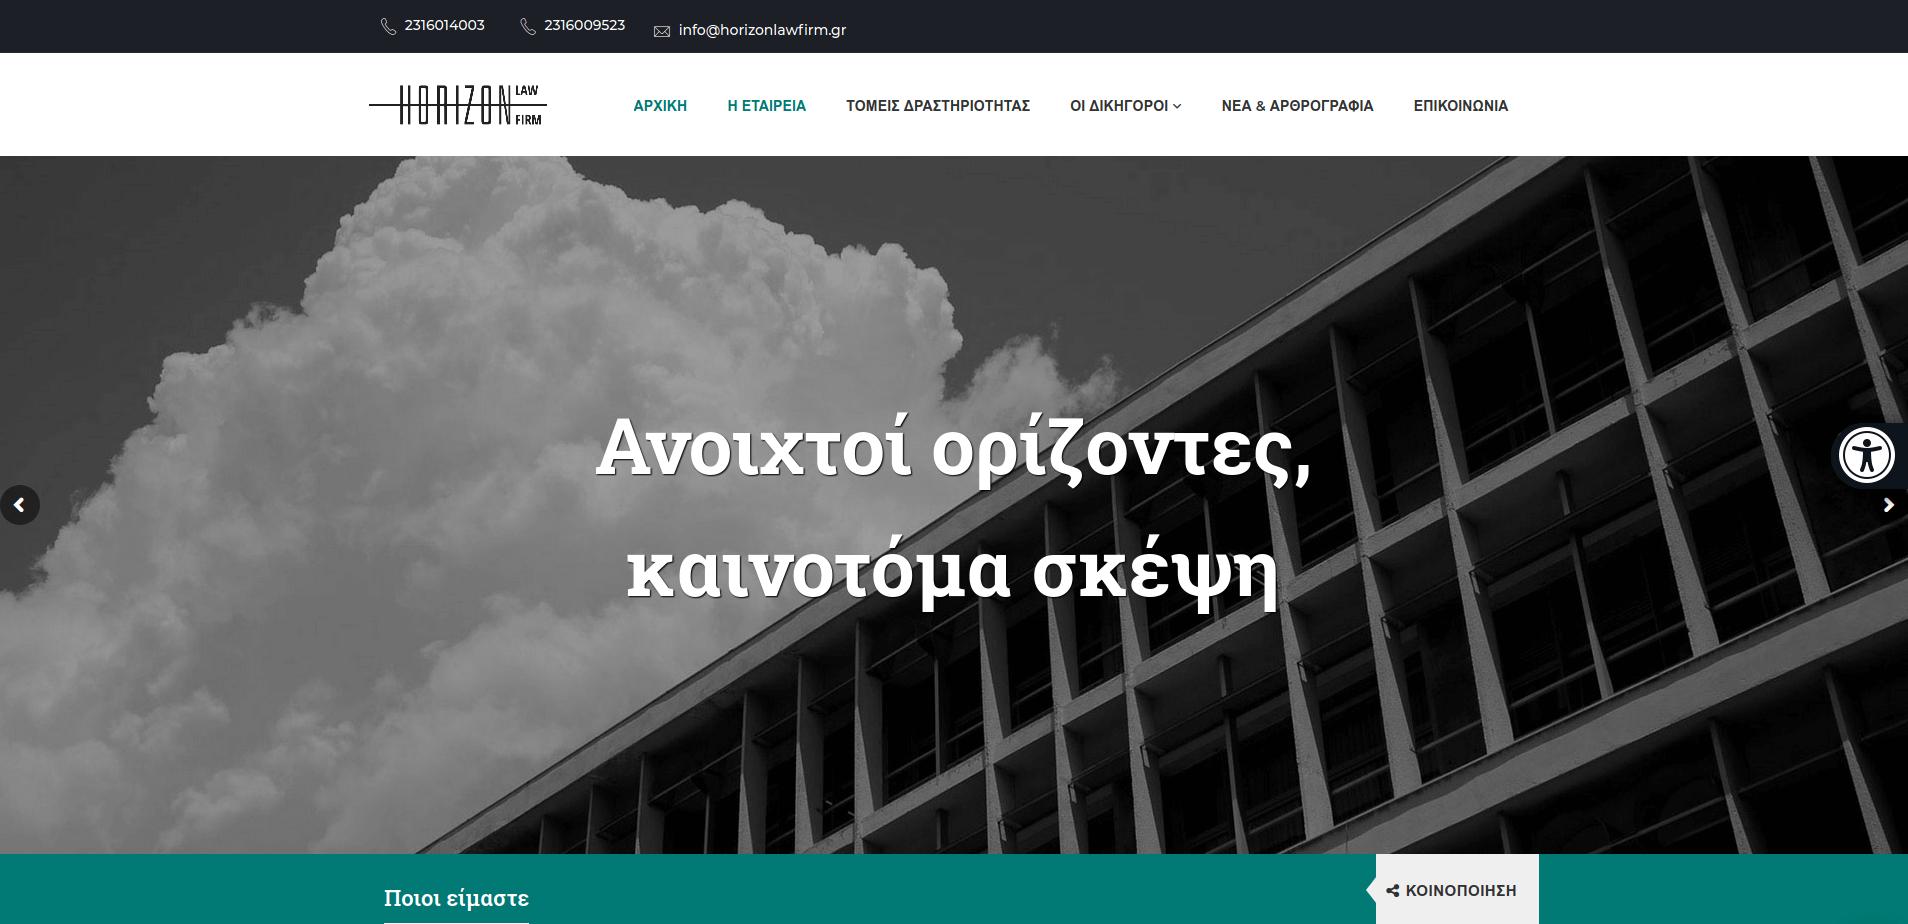 Μπάρα Προσβασιμότητας ΑμεΑ Eucleides - Ιστοσελίδες κατάλληλες για ΑμεΑ σύμφωνα με το πρότυπο WCAG 2.0 - Εγκατάσταση σε όλες τις πλατφόρμες ιστοτόπων - horizonlawfirm.gr Horizon Law Firm Δικηγορικό γραφείο Θεσσαλονίκη Καμάκα Μικρού